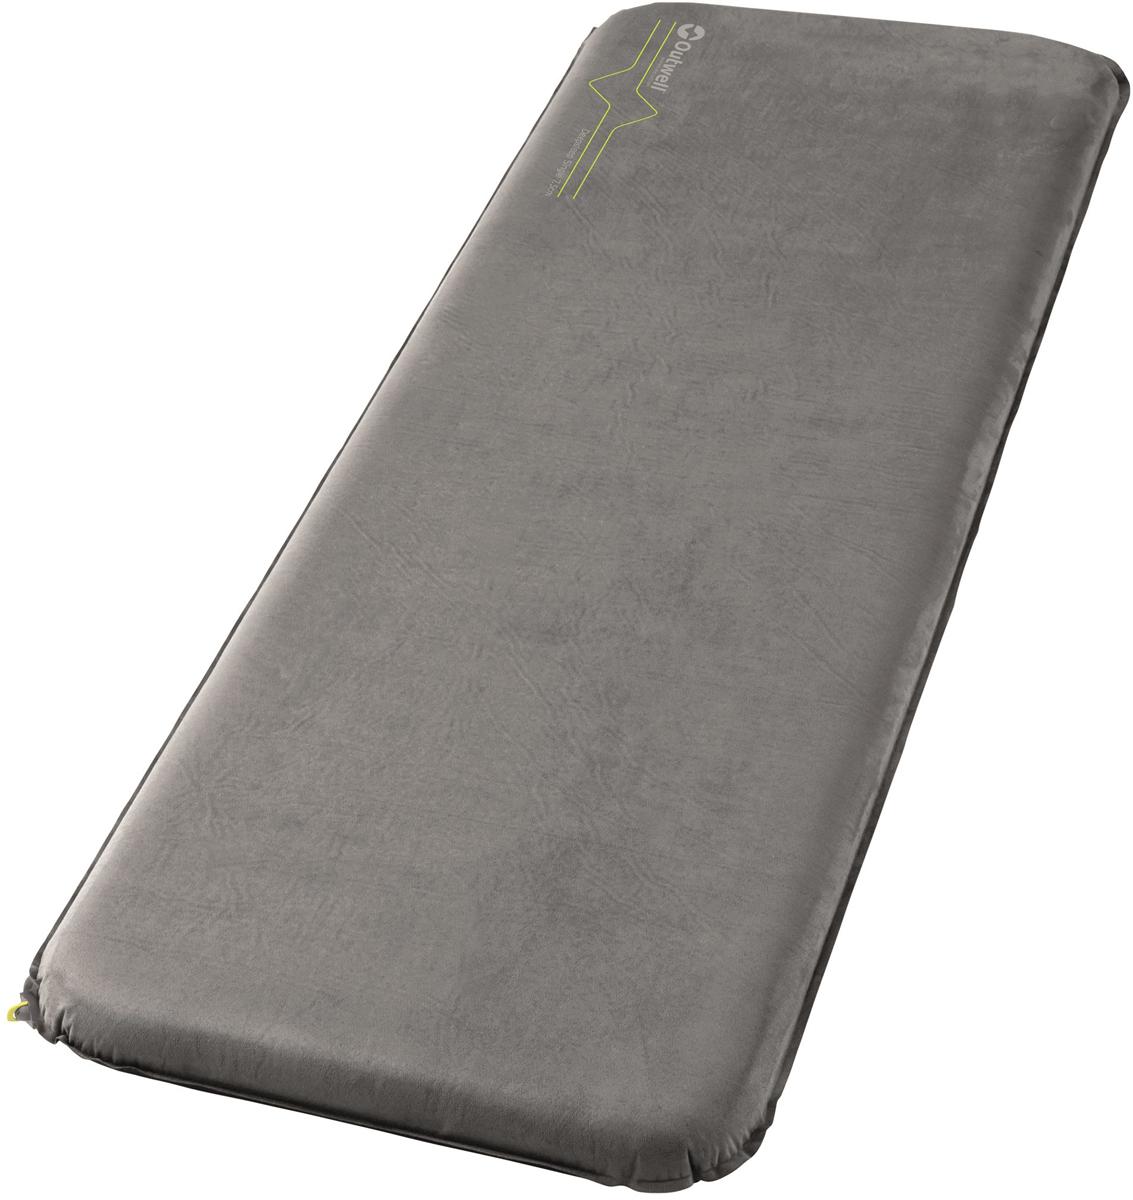 Коврик самонадувающийся Outwell Deepsleep Single, 195 х 63 х 7,5 см коврик самонадувающийся outwell dreamcatcher single 195 х 63 х 7 5 см